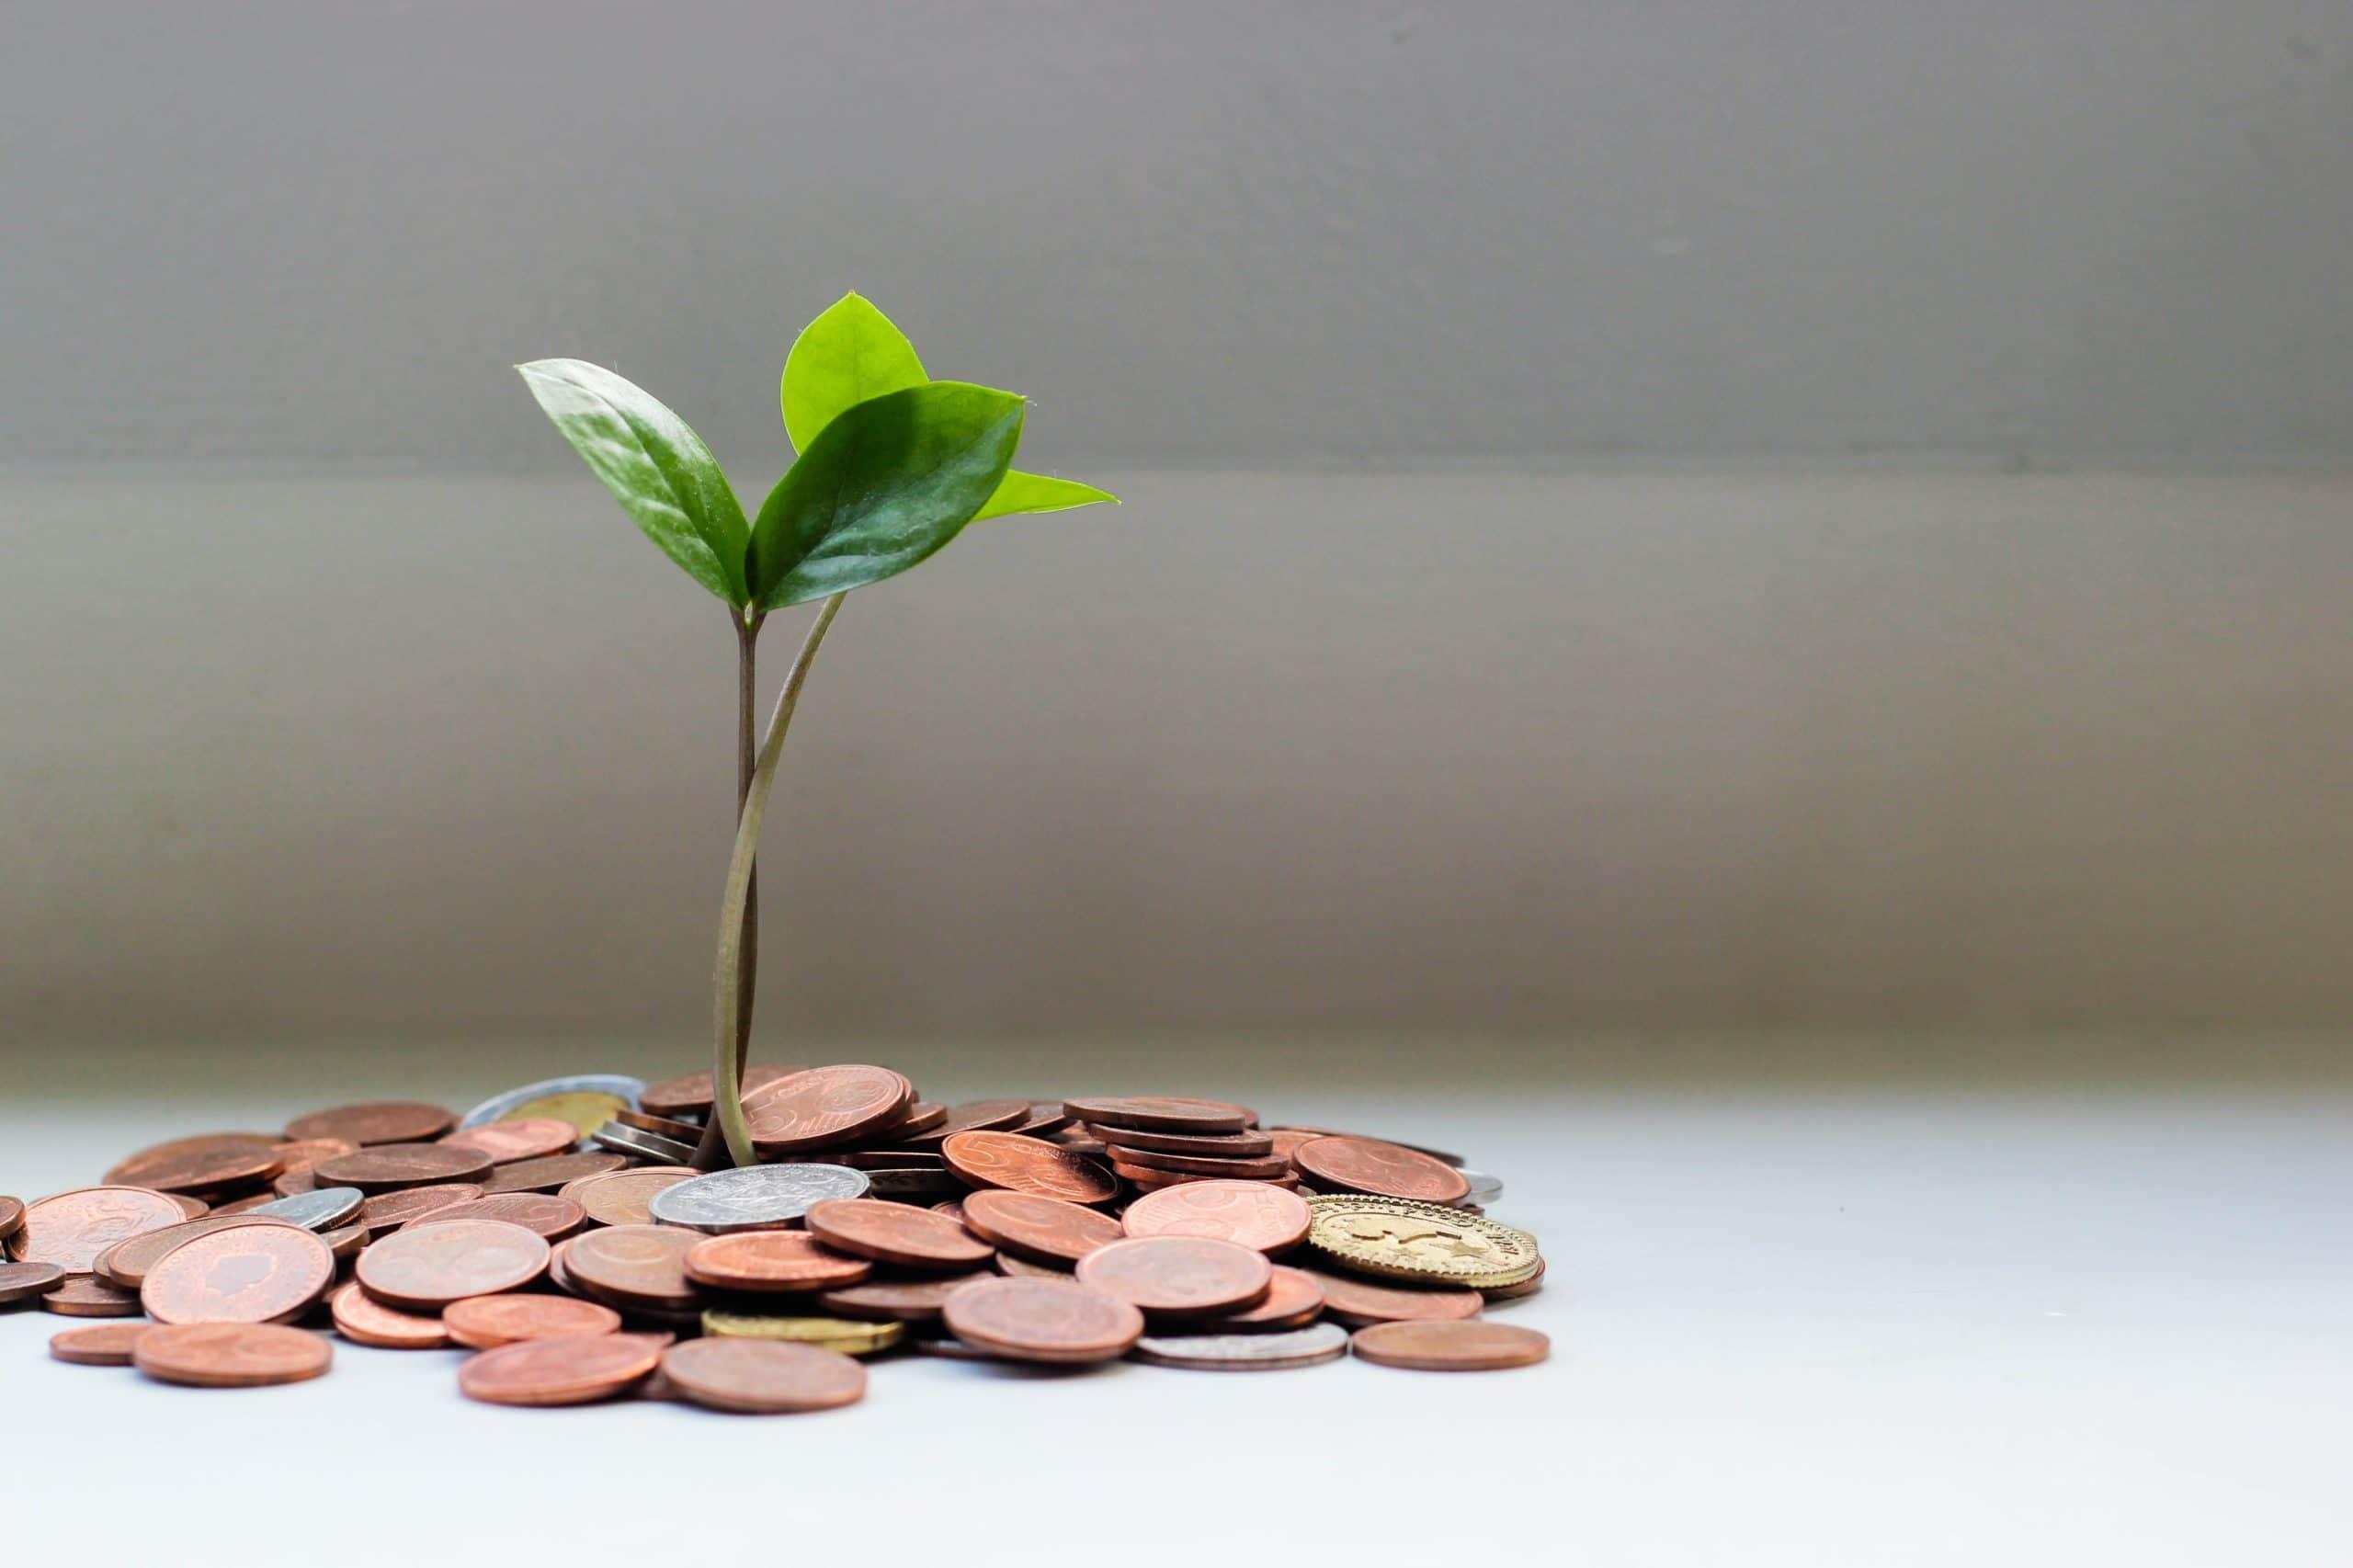 Foto von Micheile Henderson - green plant on brown round coins